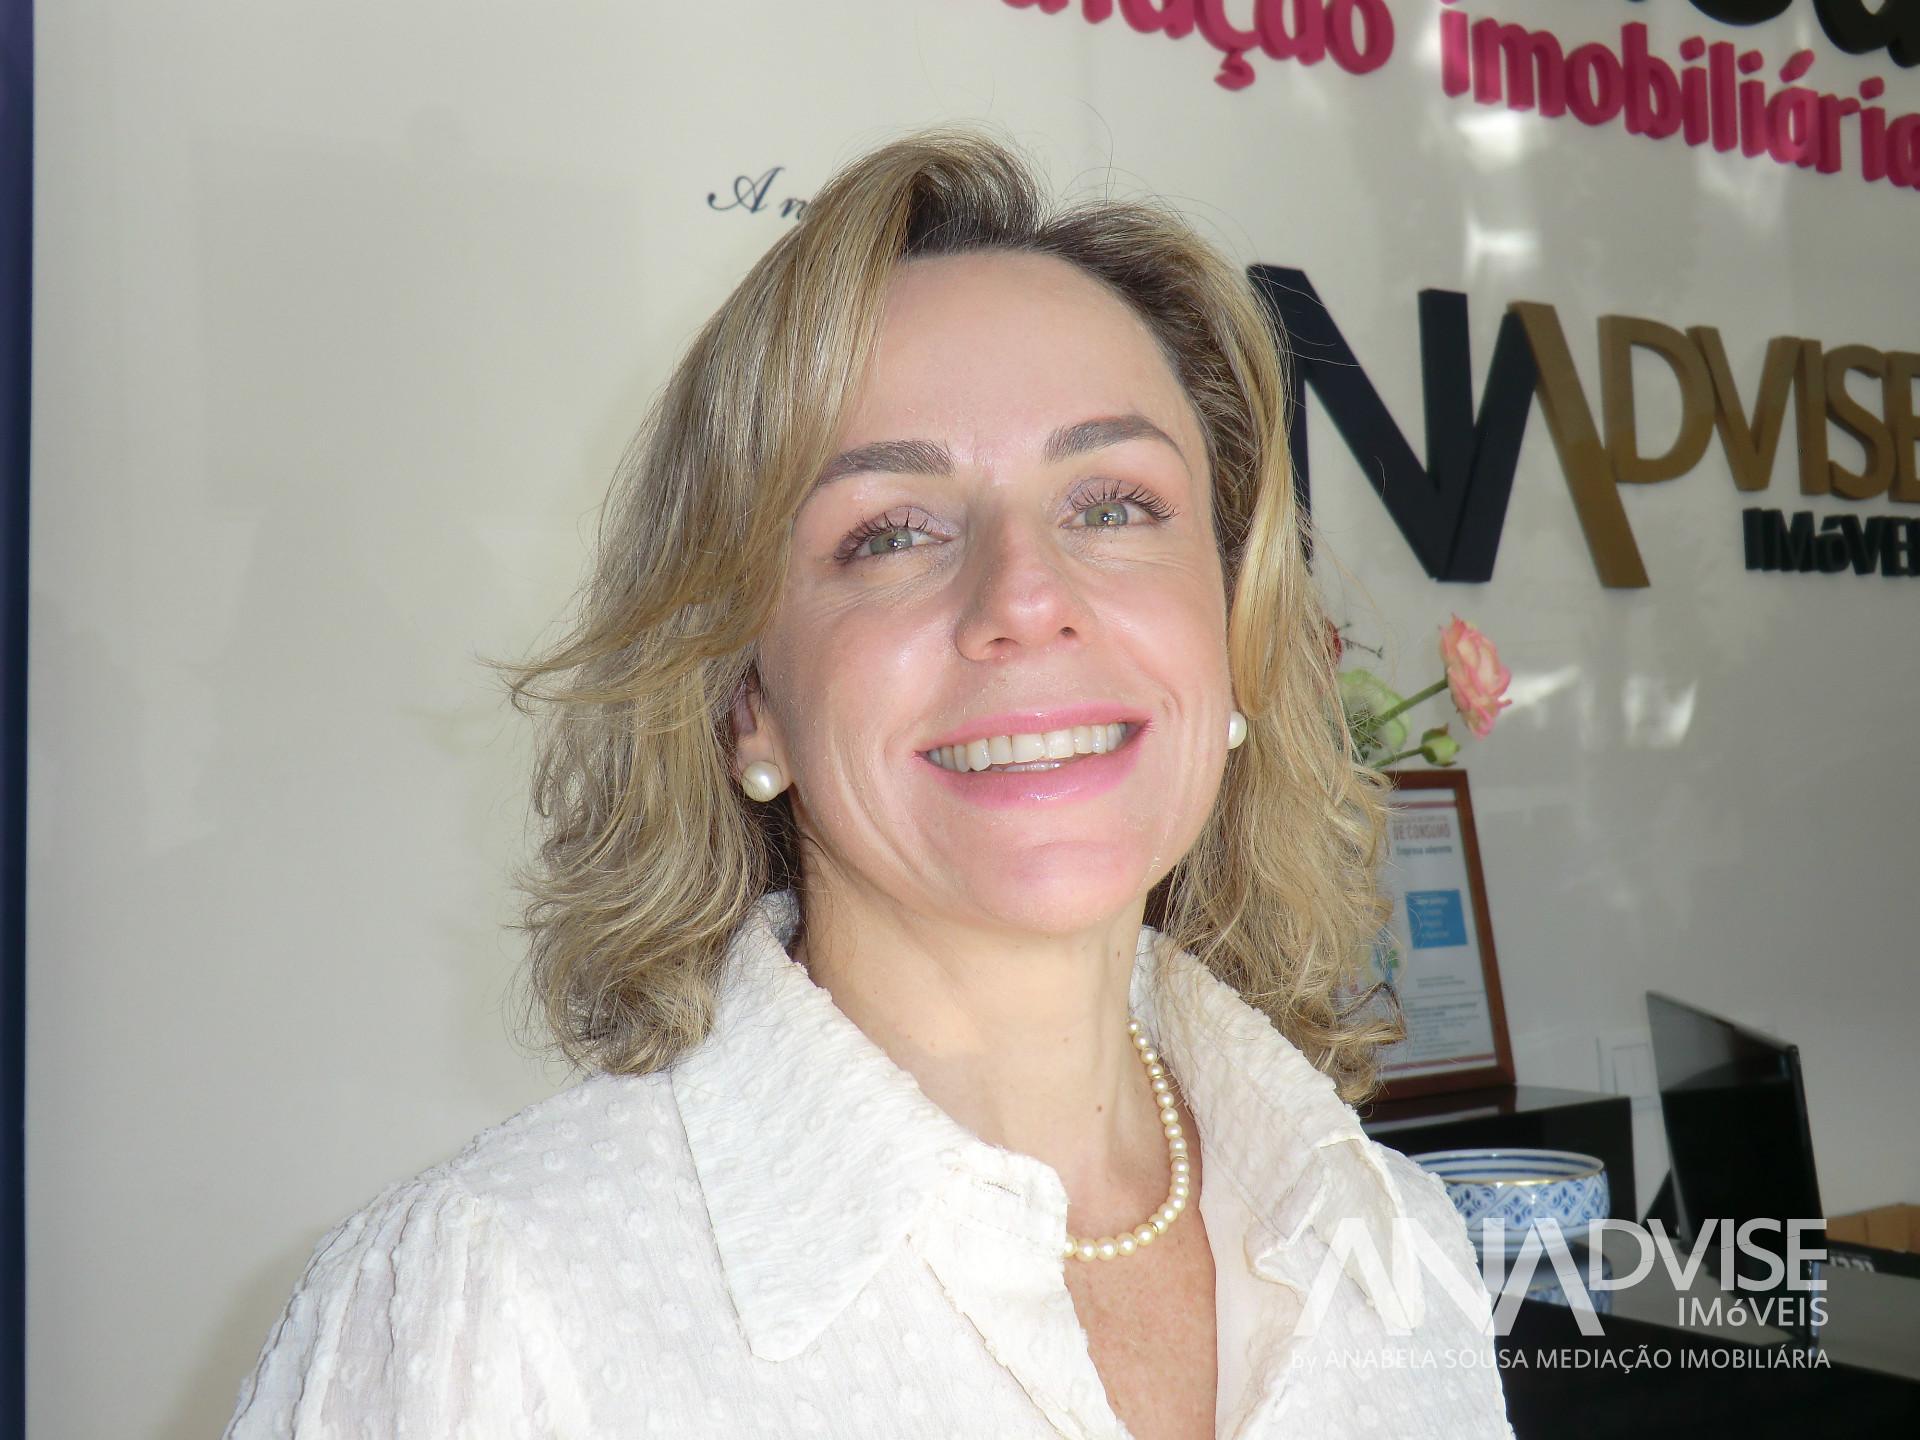 Michela Segrini